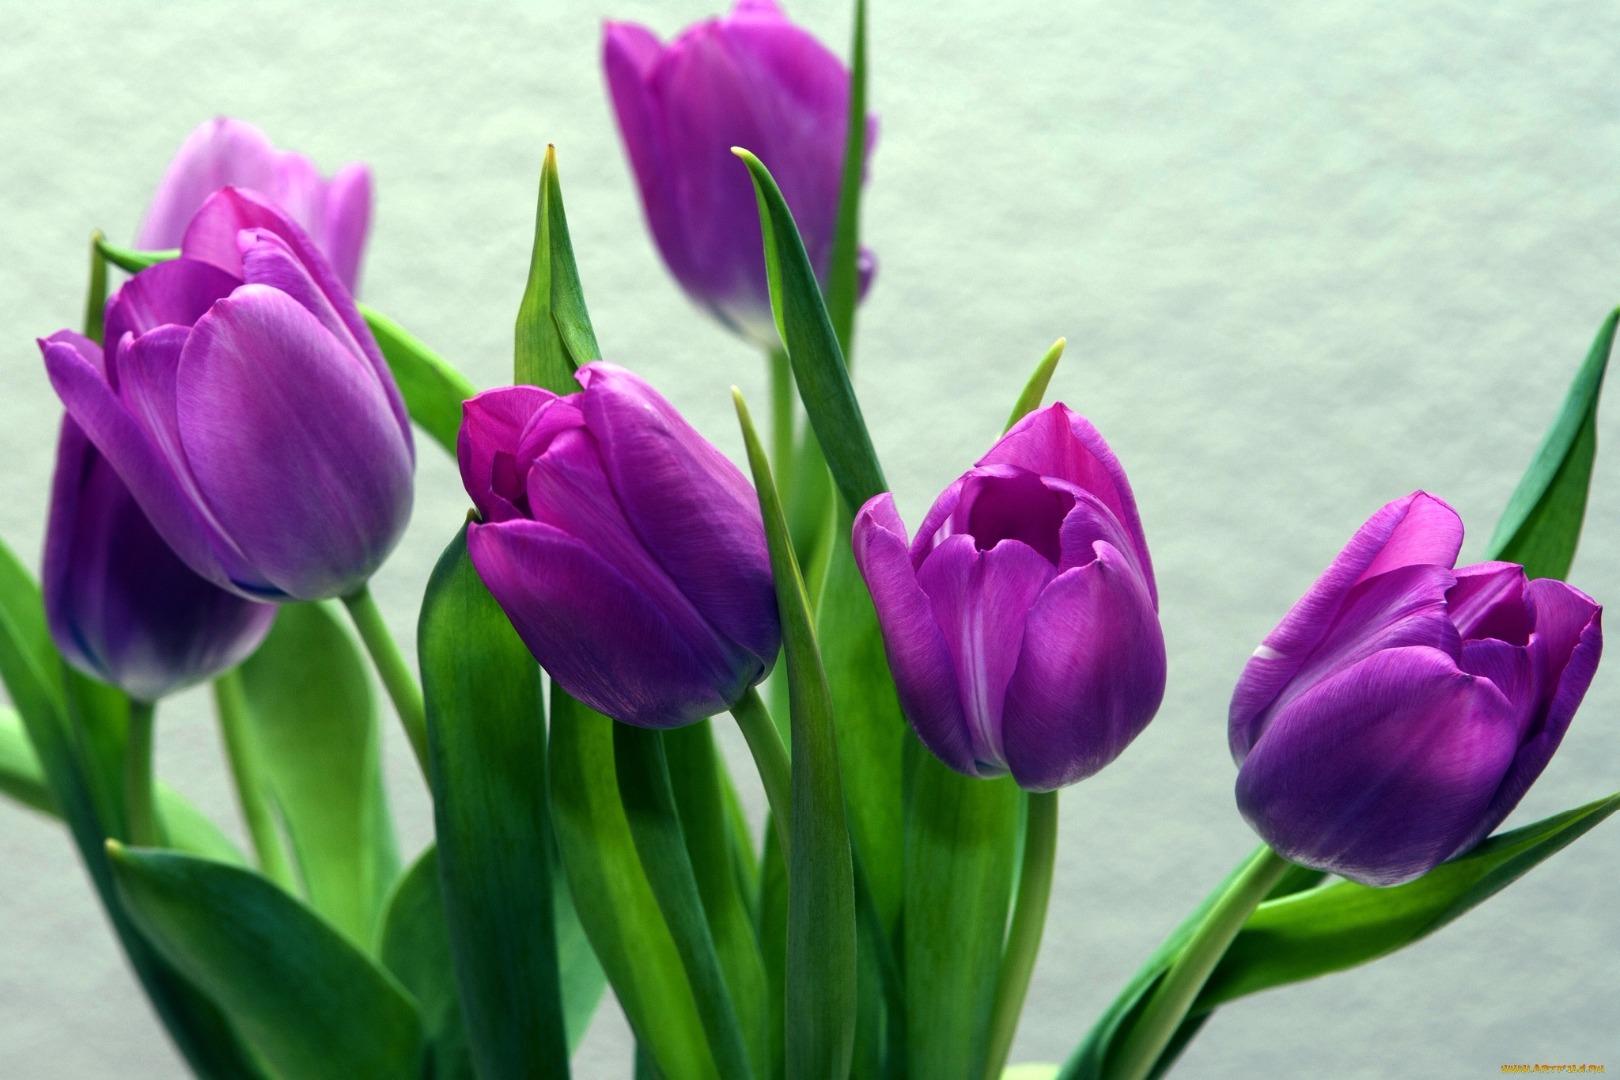 тюльпаны сиреневые фотообои красавица утверждает